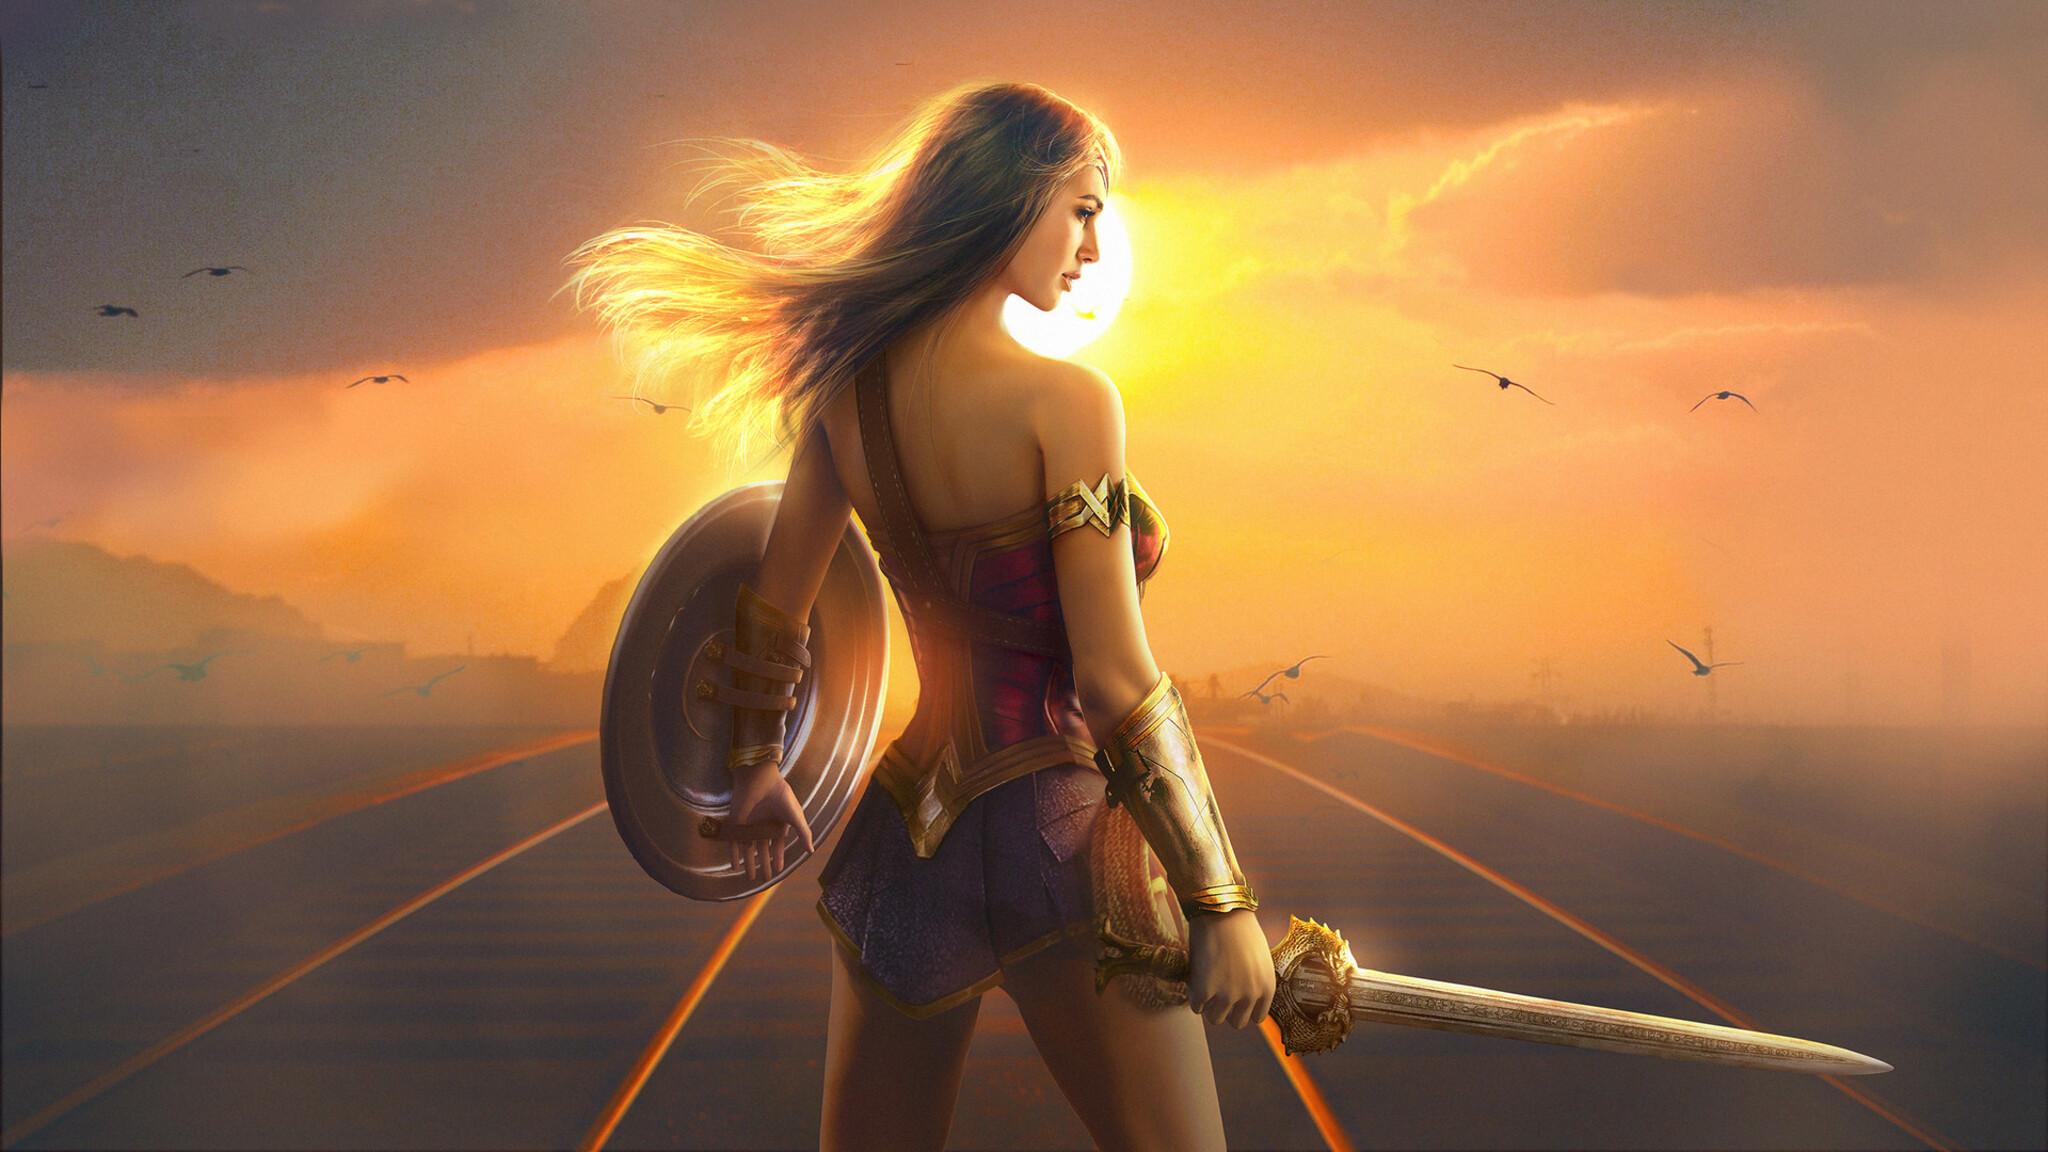 2048x1152 Wonder Woman Fan Art Hd 2048x1152 Resolution HD